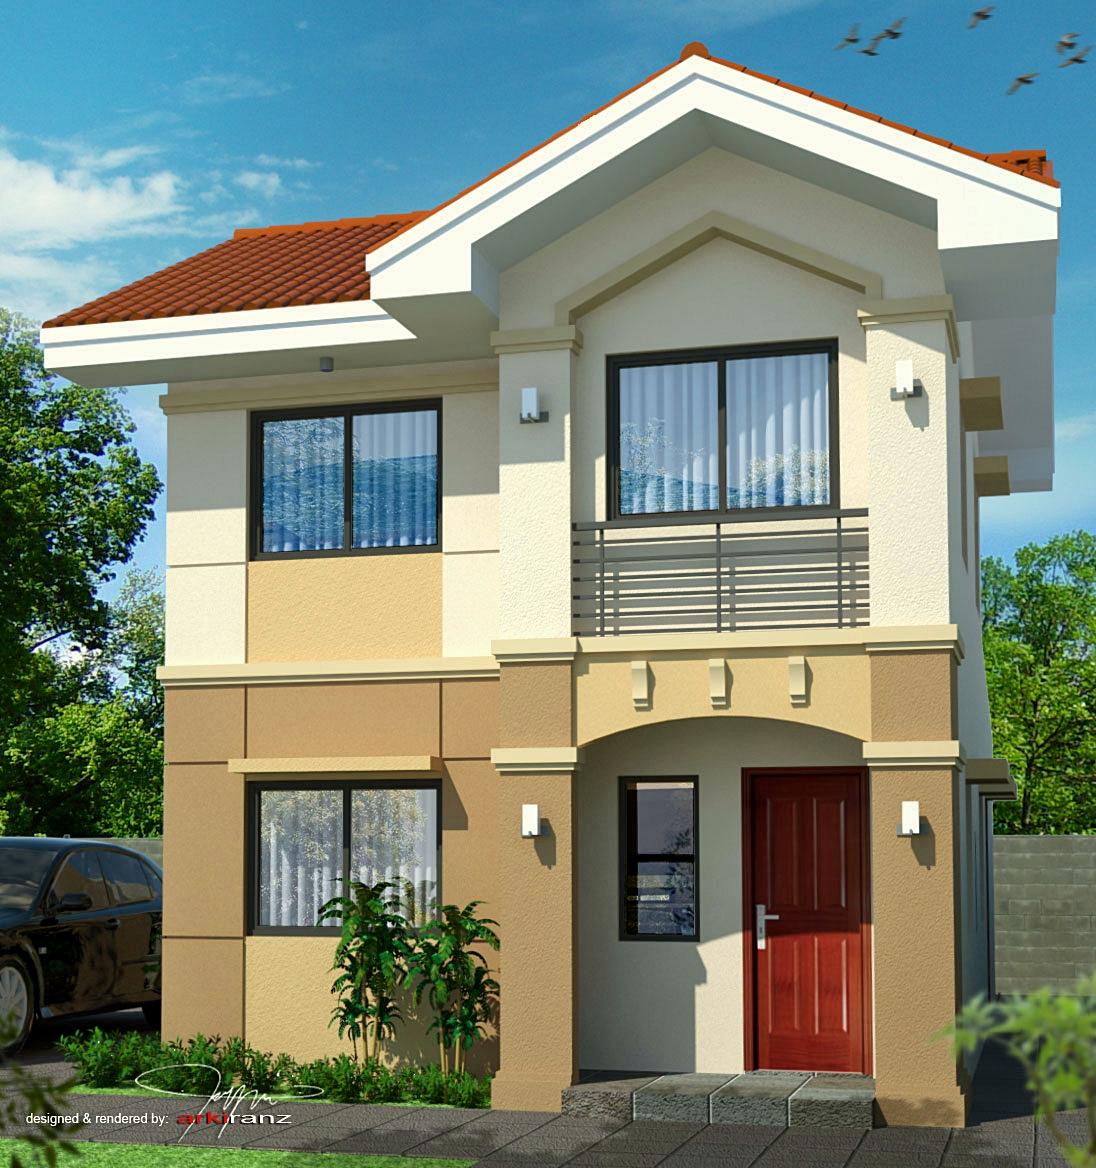 Fachadas de casas chicas for Casas pequenas y bonitas